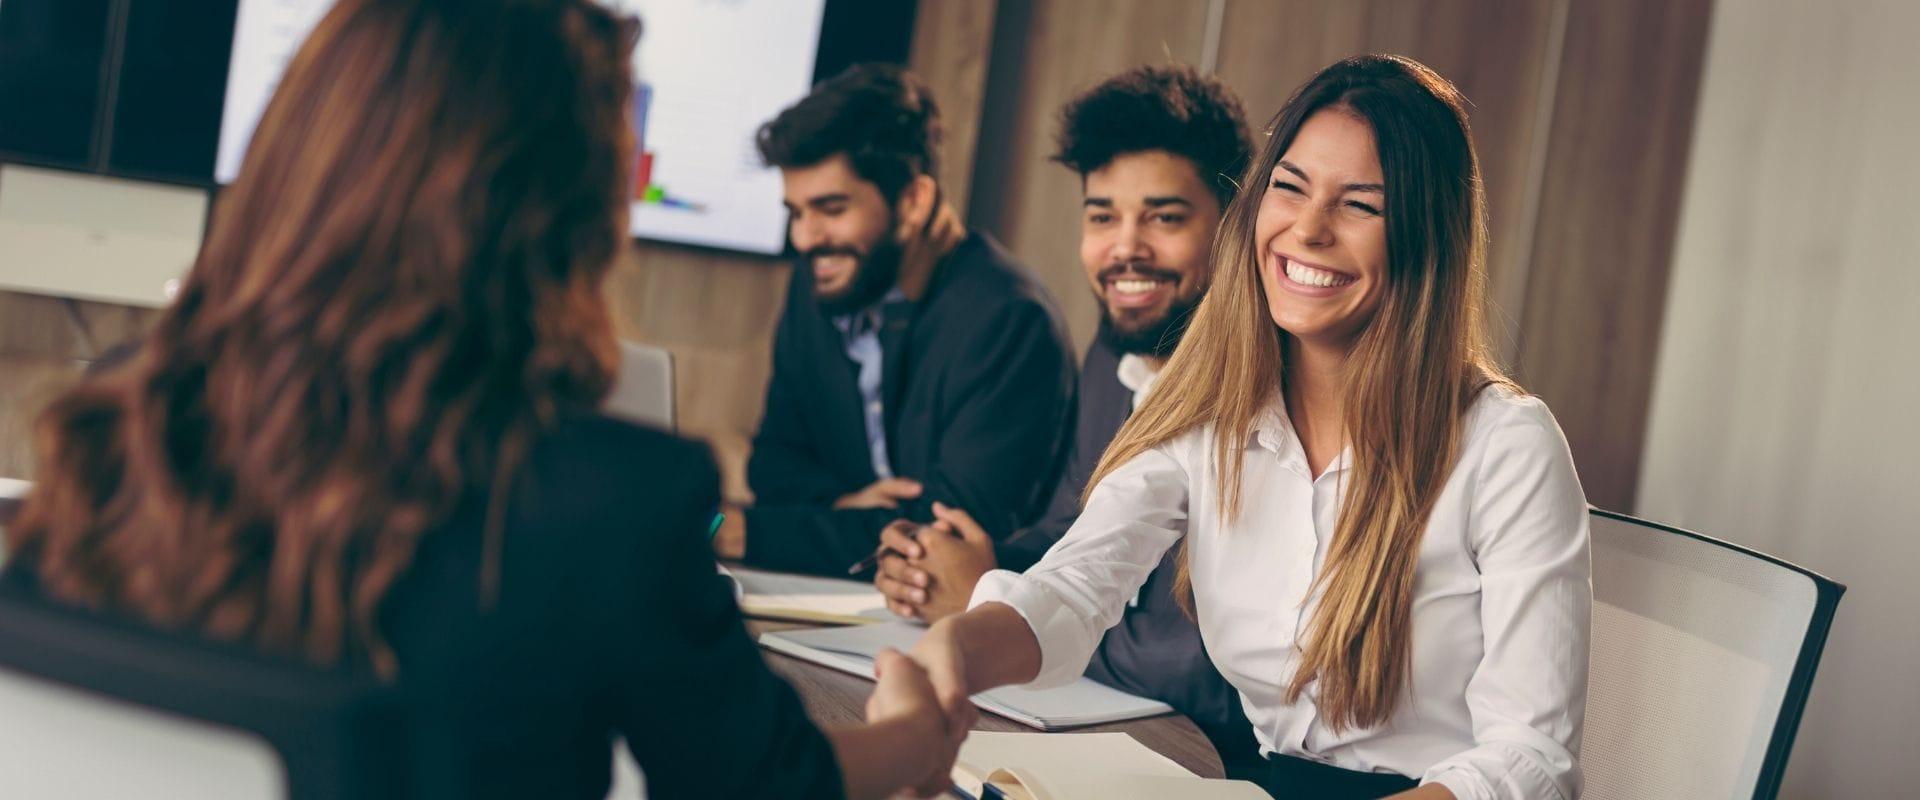 Recruiting-Prozess optimieren: 4 Tipps für mehr passende Bewerber